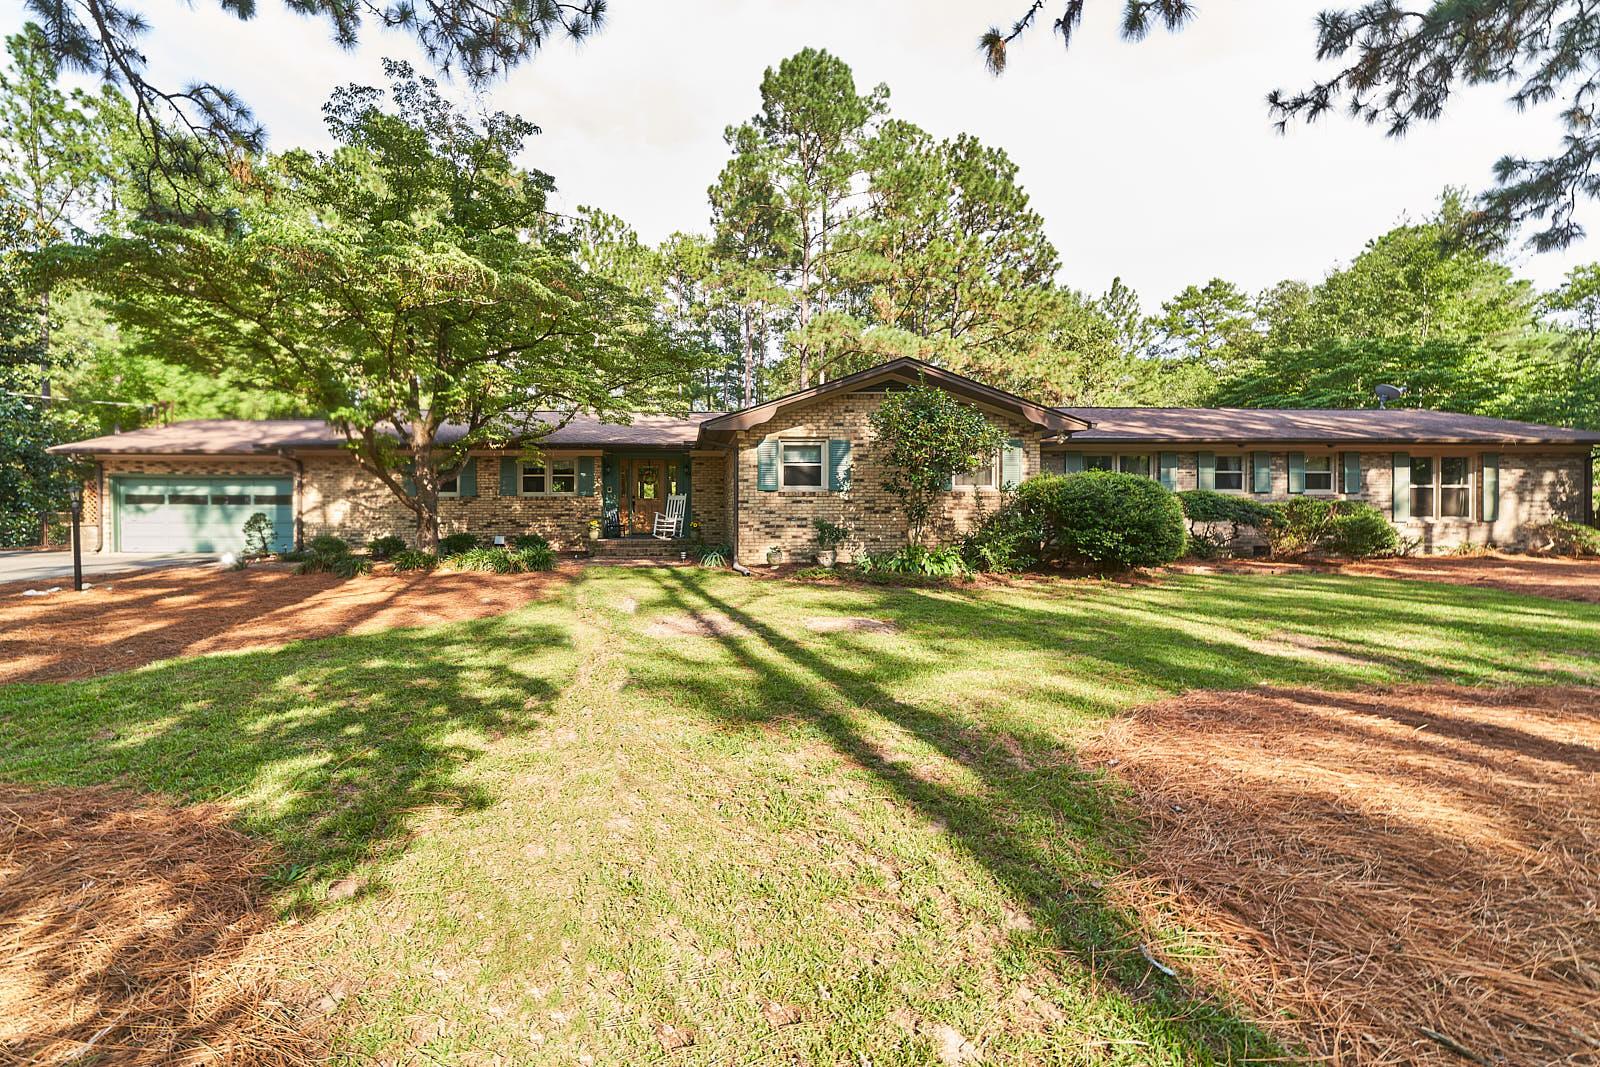 11  Arbutus Lane, Whispering Pines, North Carolina